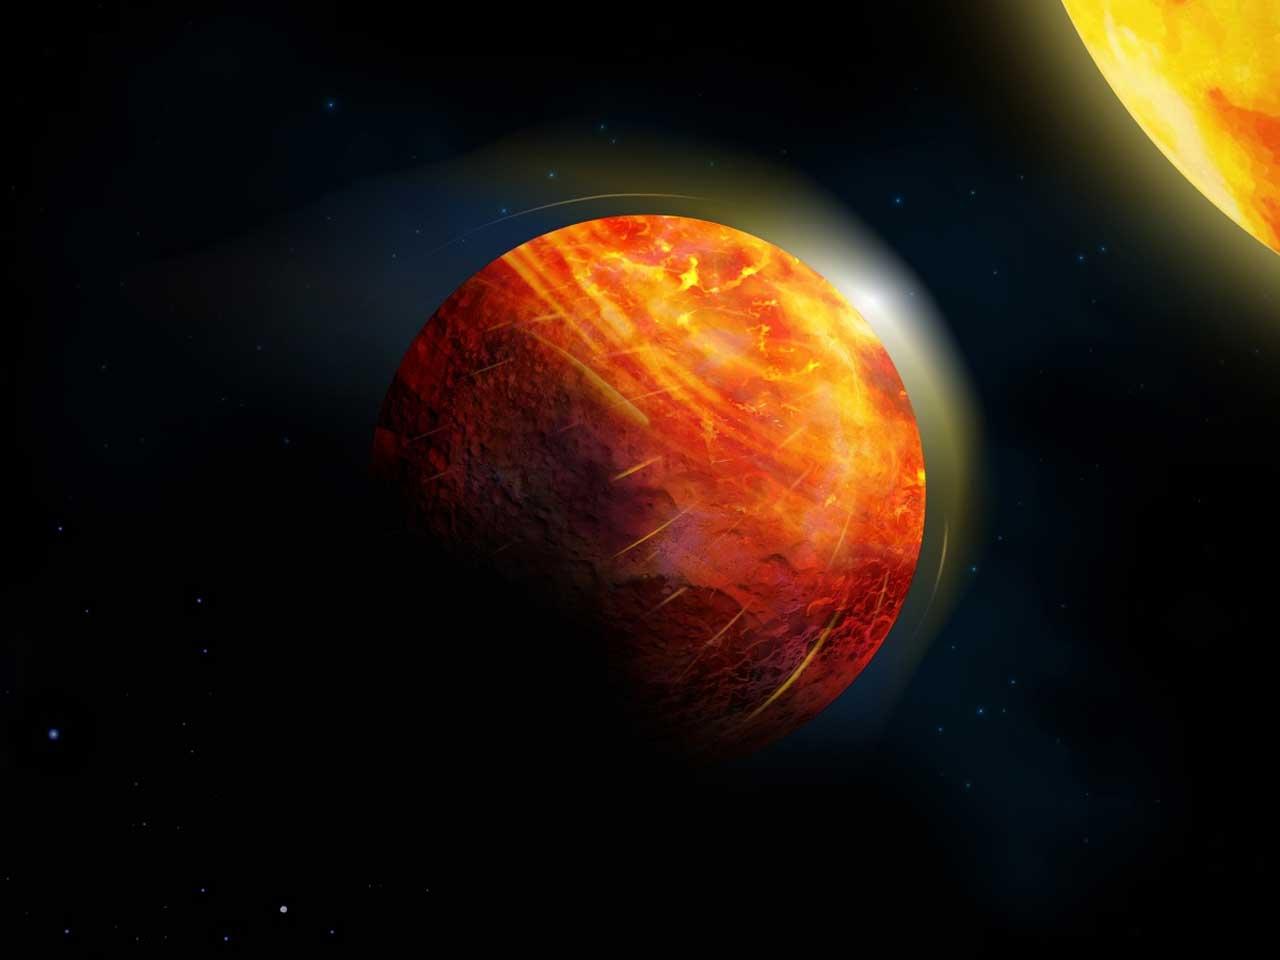 K2-141b, el planeta de lava donde llueven piedras y el viento sopla a 5000 Km/h